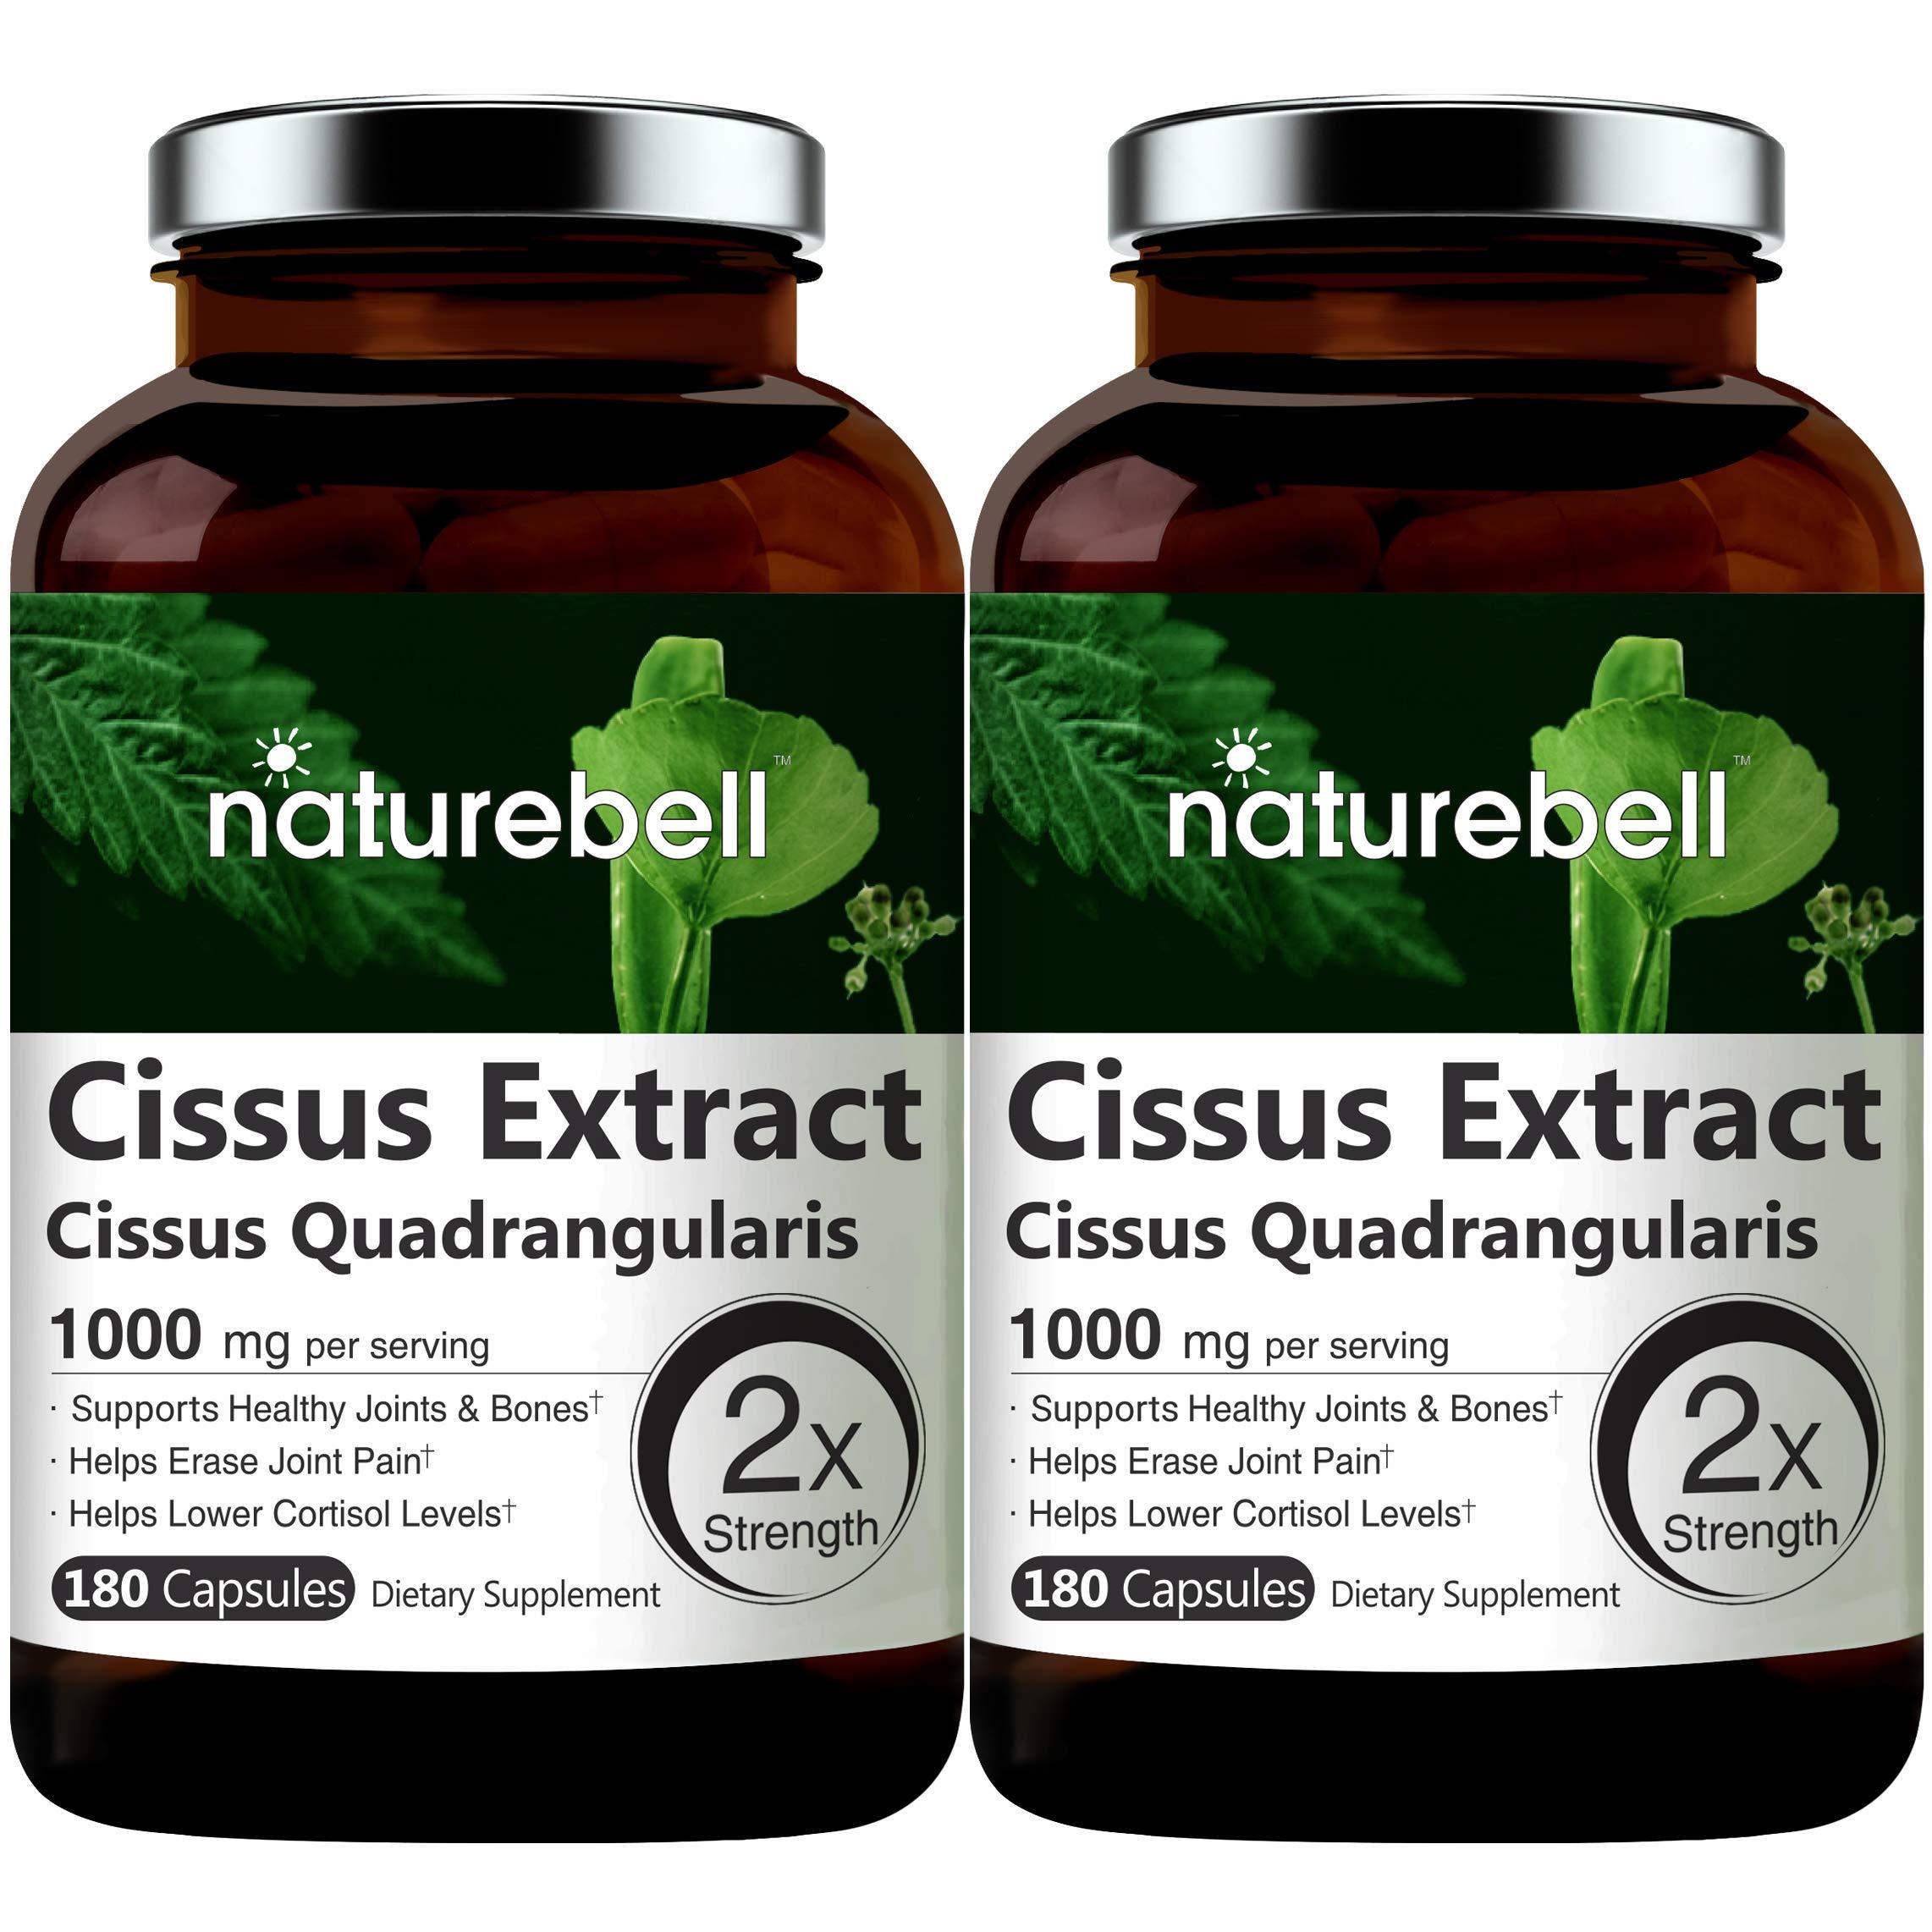 2 Pack NatureBell Cissus Quadrangularis Capsules, 1000mg Per Serving, 180 Capsules Per Bottle, Premium Cissus Capsules, Support Joint, Tendon, Bone, Skin, Hair and Cartilage, No GMOs